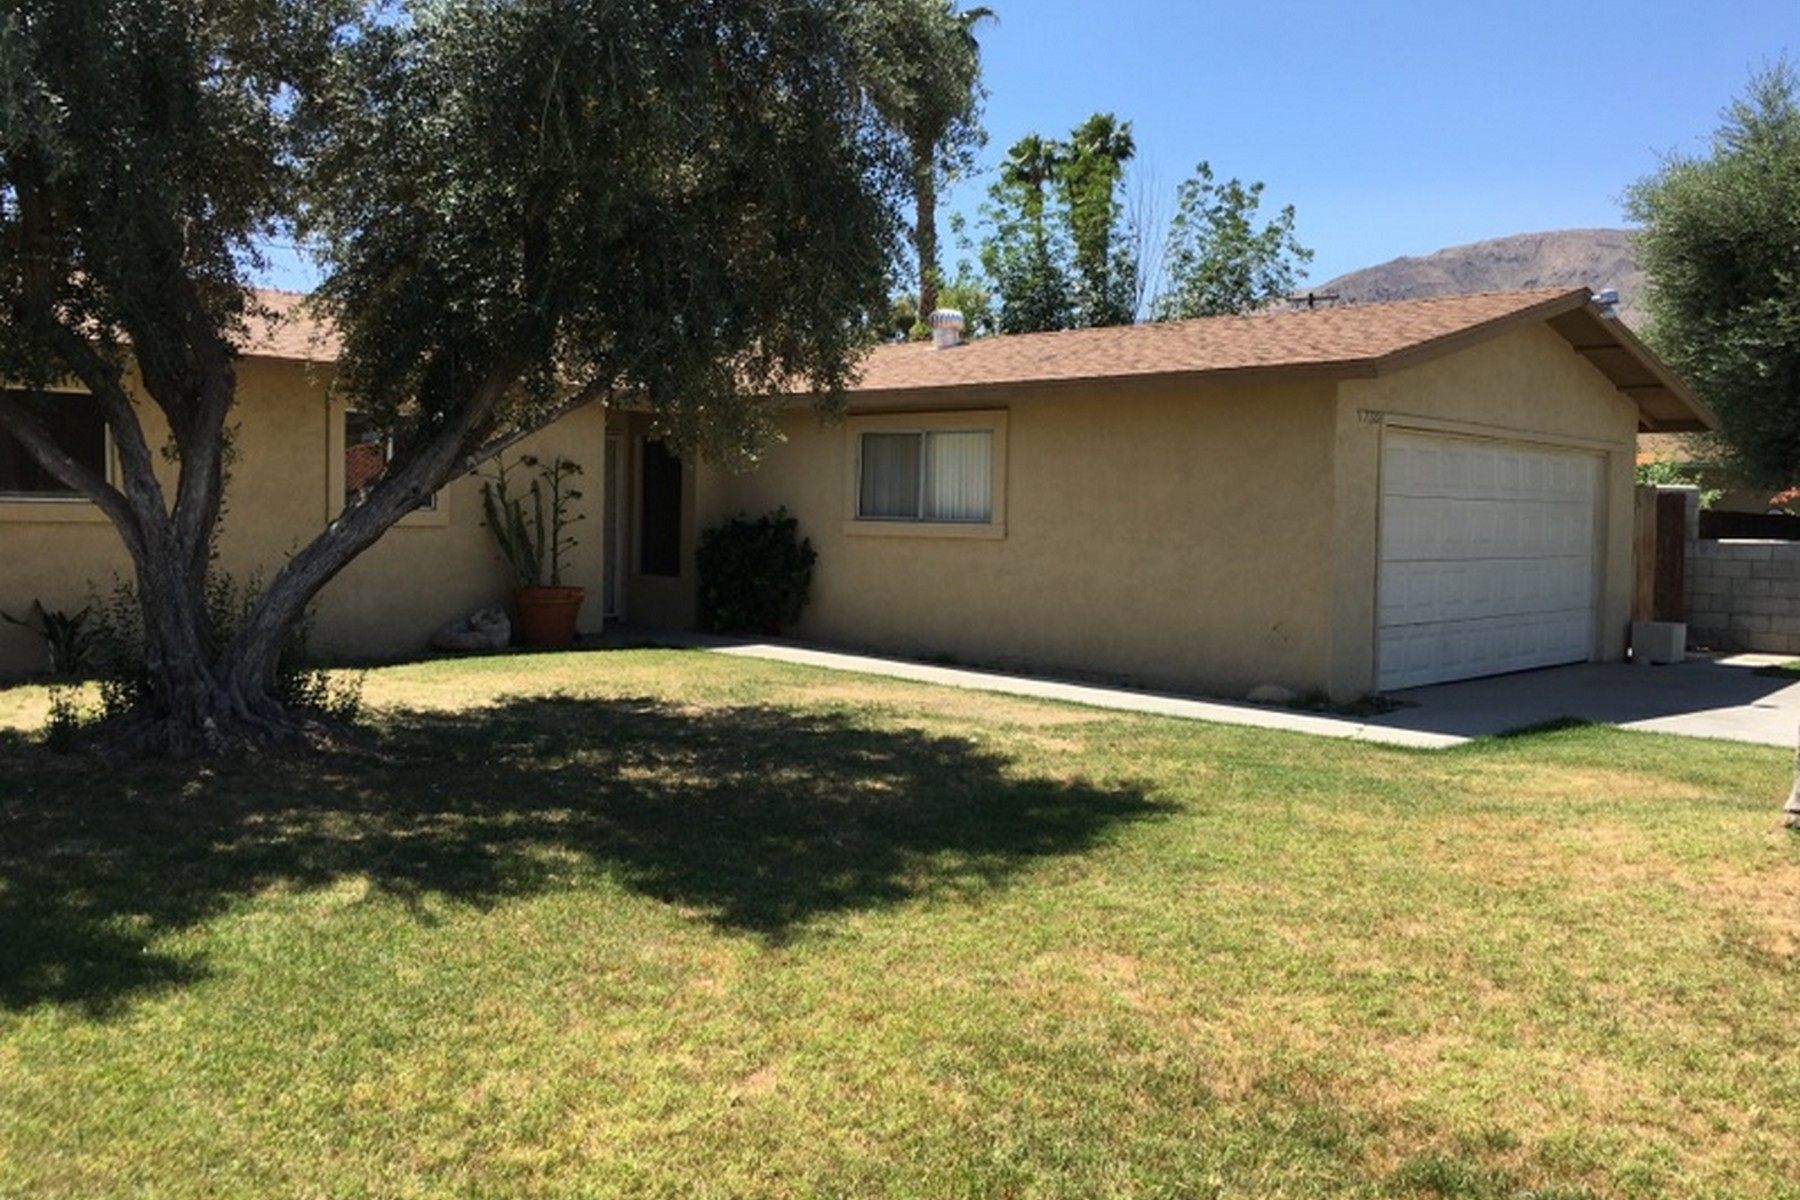 一戸建て のために 売買 アット 73221 San Nicholas Avenue Palm Desert, カリフォルニア, 92260 アメリカ合衆国